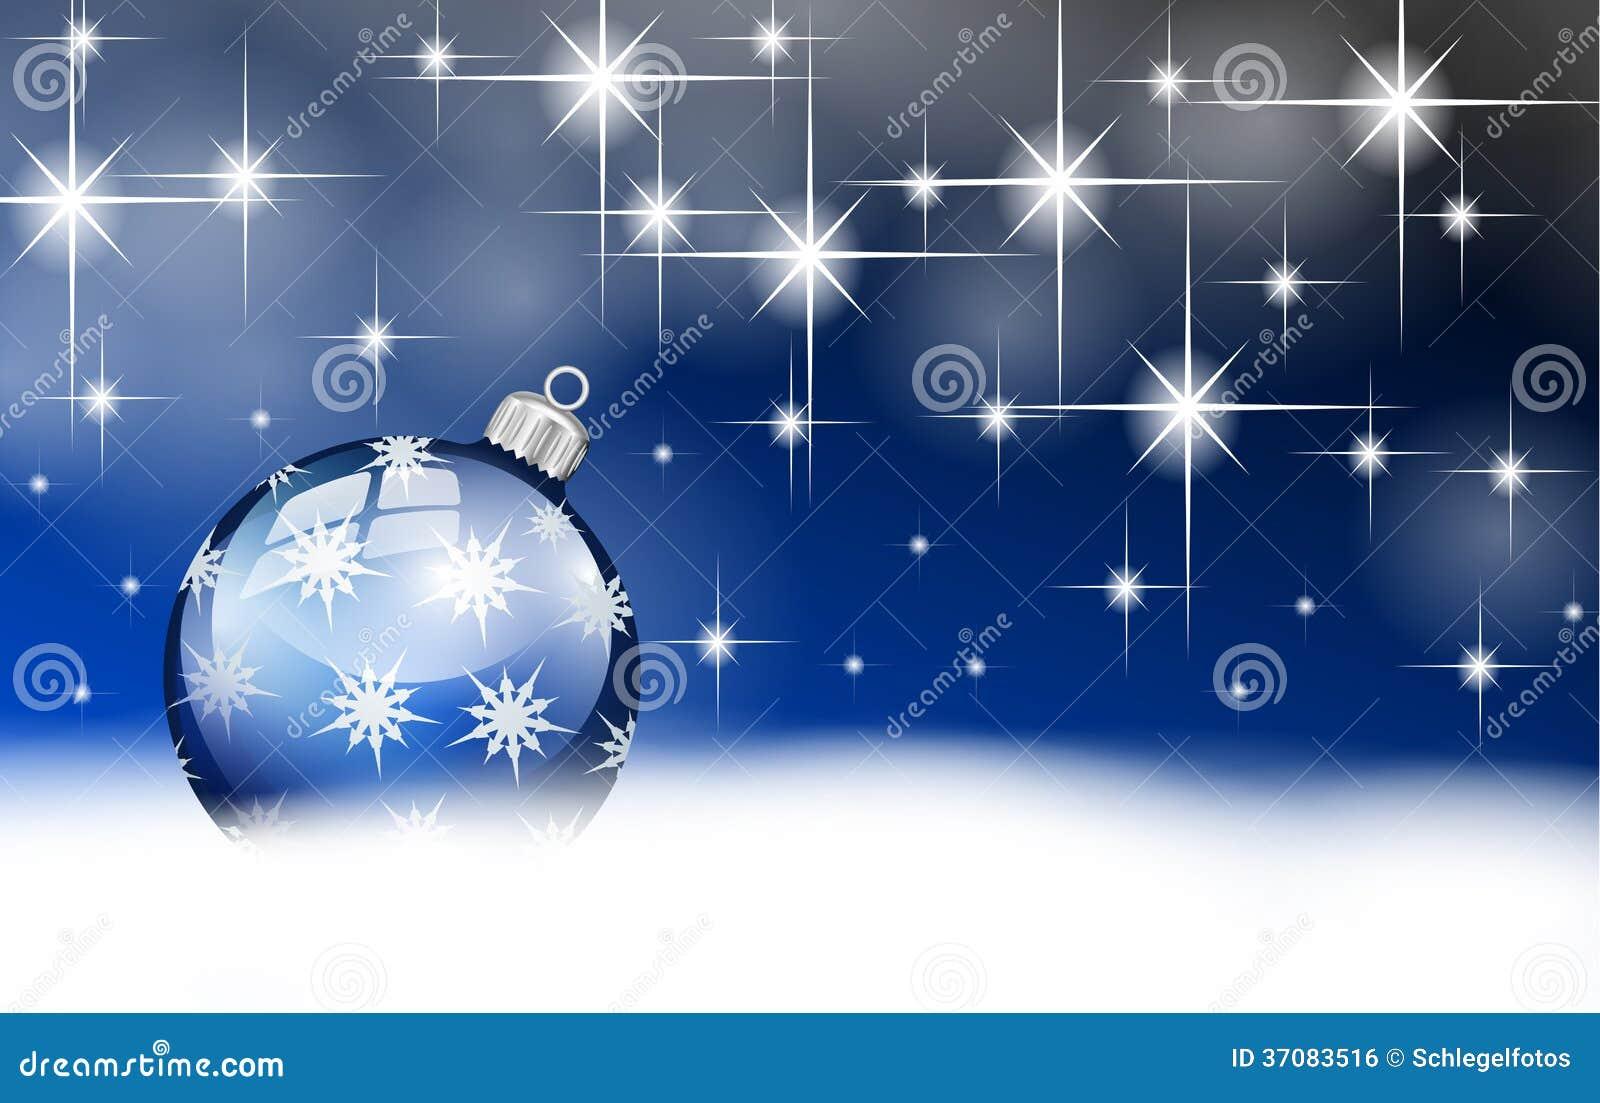 Download Błękitów Srebni Wesoło Boże Narodzenia Balowi Ilustracji - Ilustracja złożonej z glassblower, świętuje: 37083516